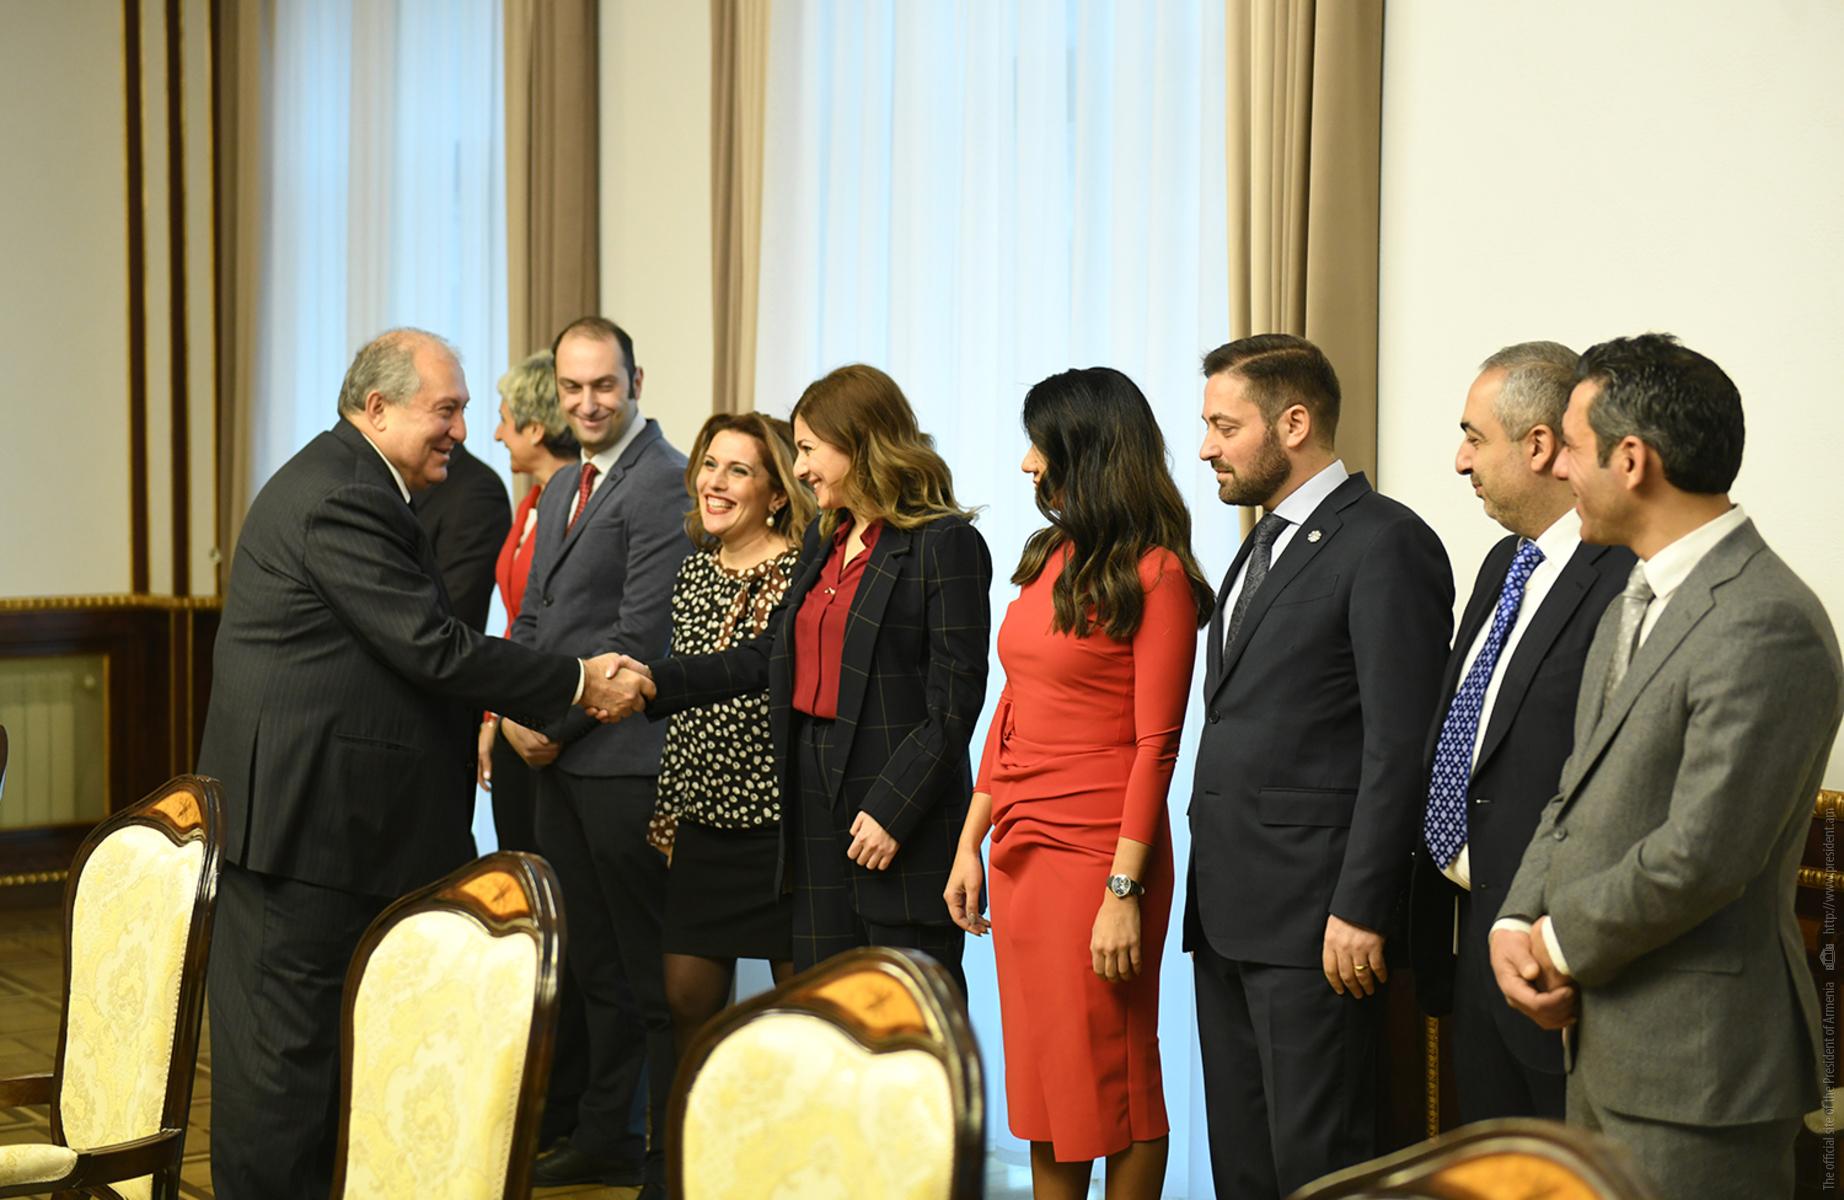 Նախագահ Արմեն Սարգսյանն ընդունել է Հայաստանում Ամերիկայի առևտրի պալատի ներկայացուցիչներին